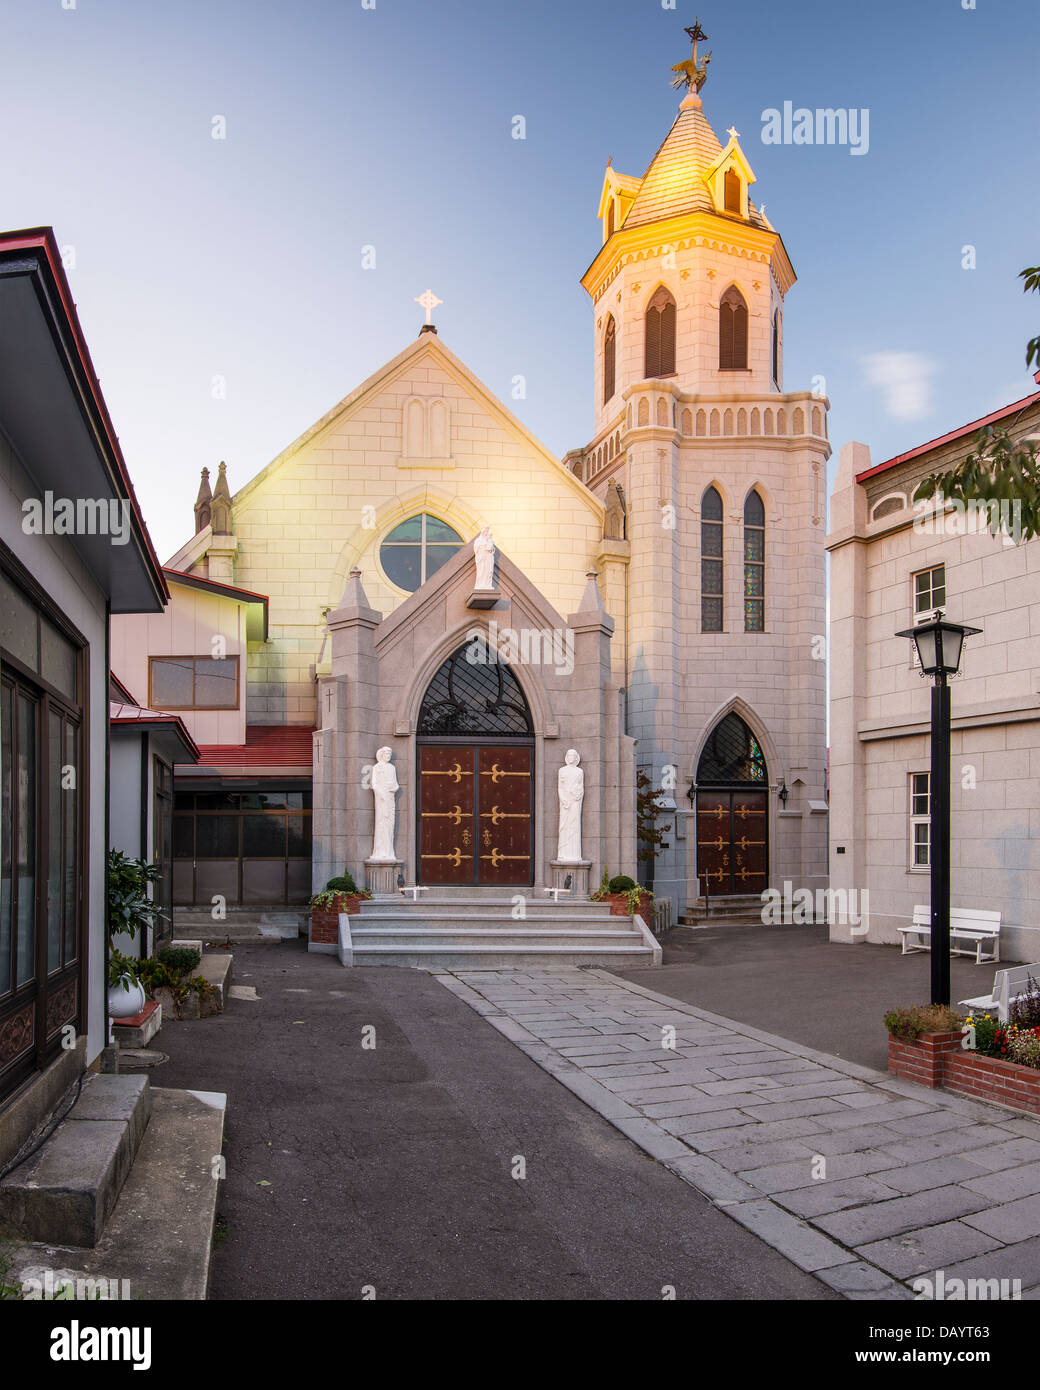 Motomachi Catholic Church. The church dates back to 1877. - Stock Image